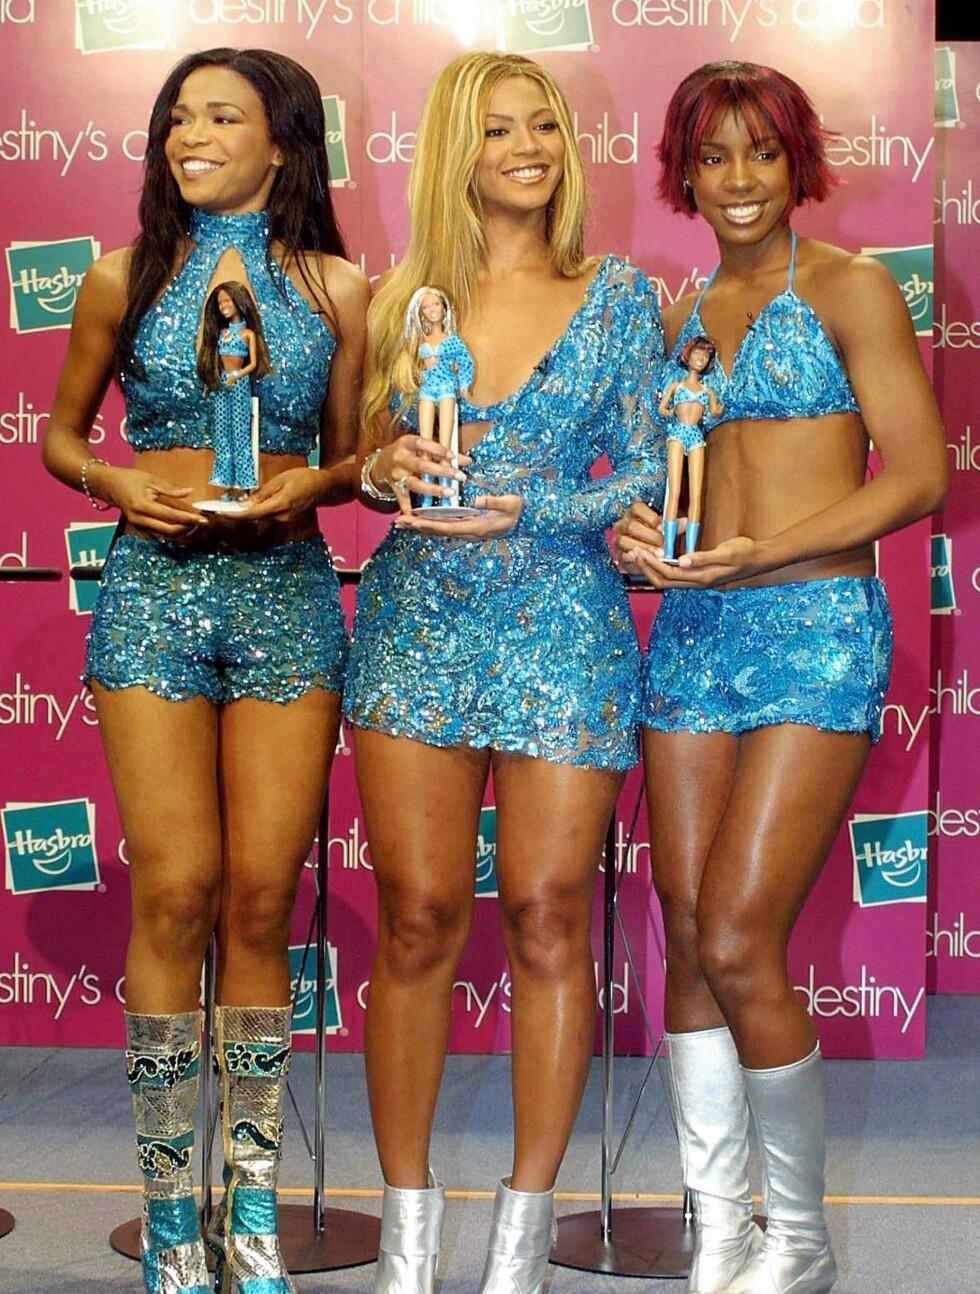 POPULÆRE: I 2001 fikk Destiny's Child til og med sine egne Barbie-dukker! Foto: All Over Press